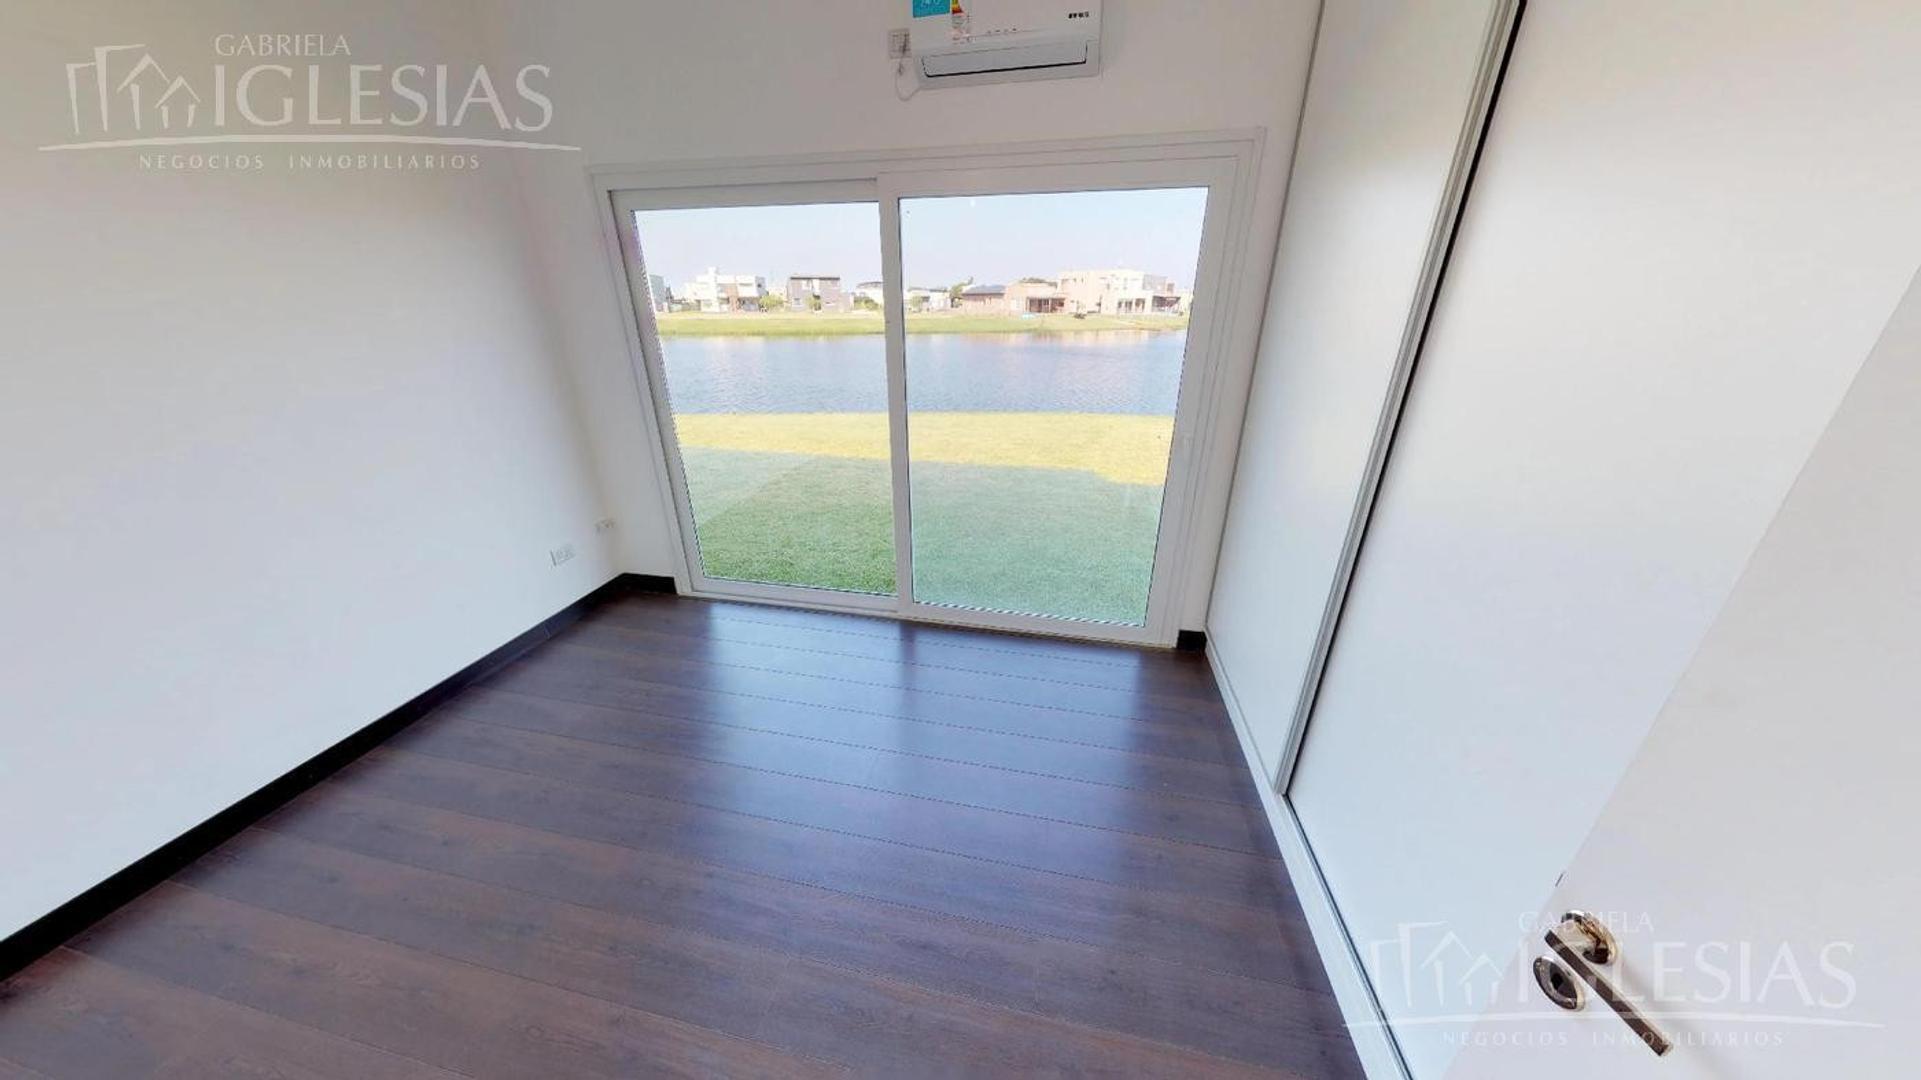 Casa - 170 m² | 3 dormitorios | 3 años